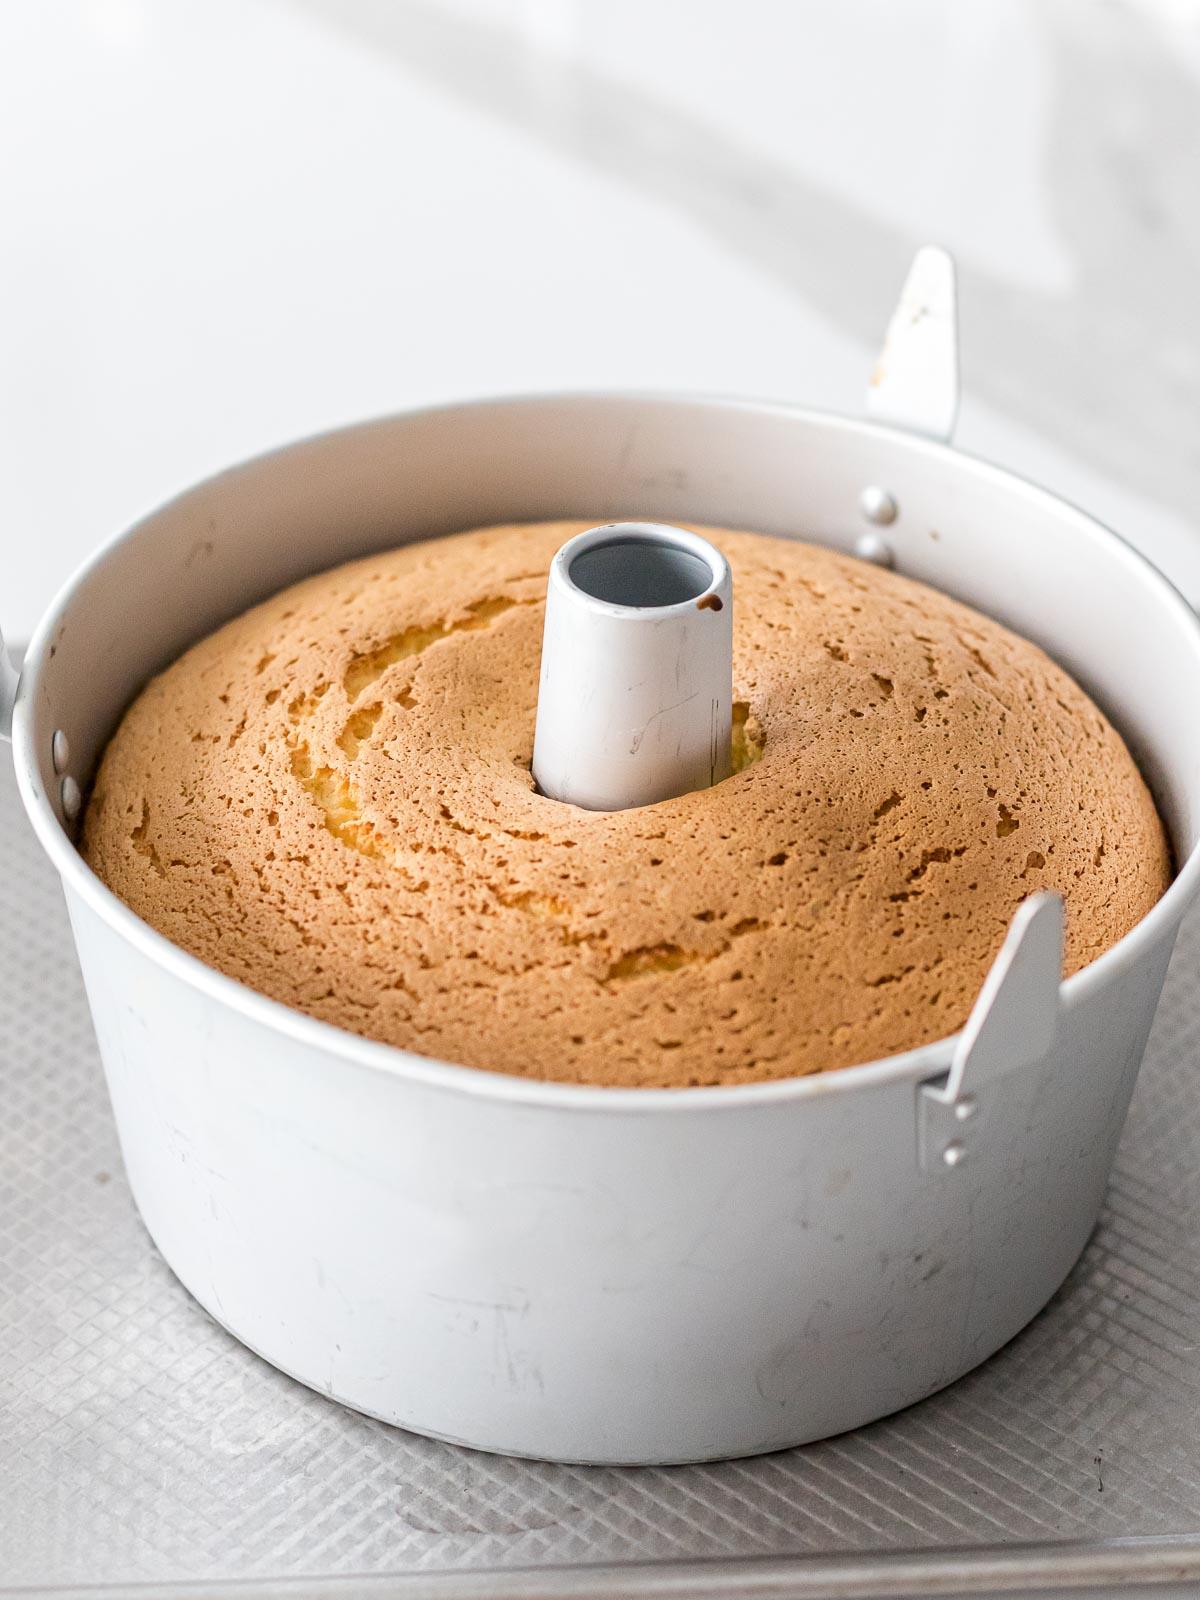 Japanese chiffon cake baked in a chiffon cake pan